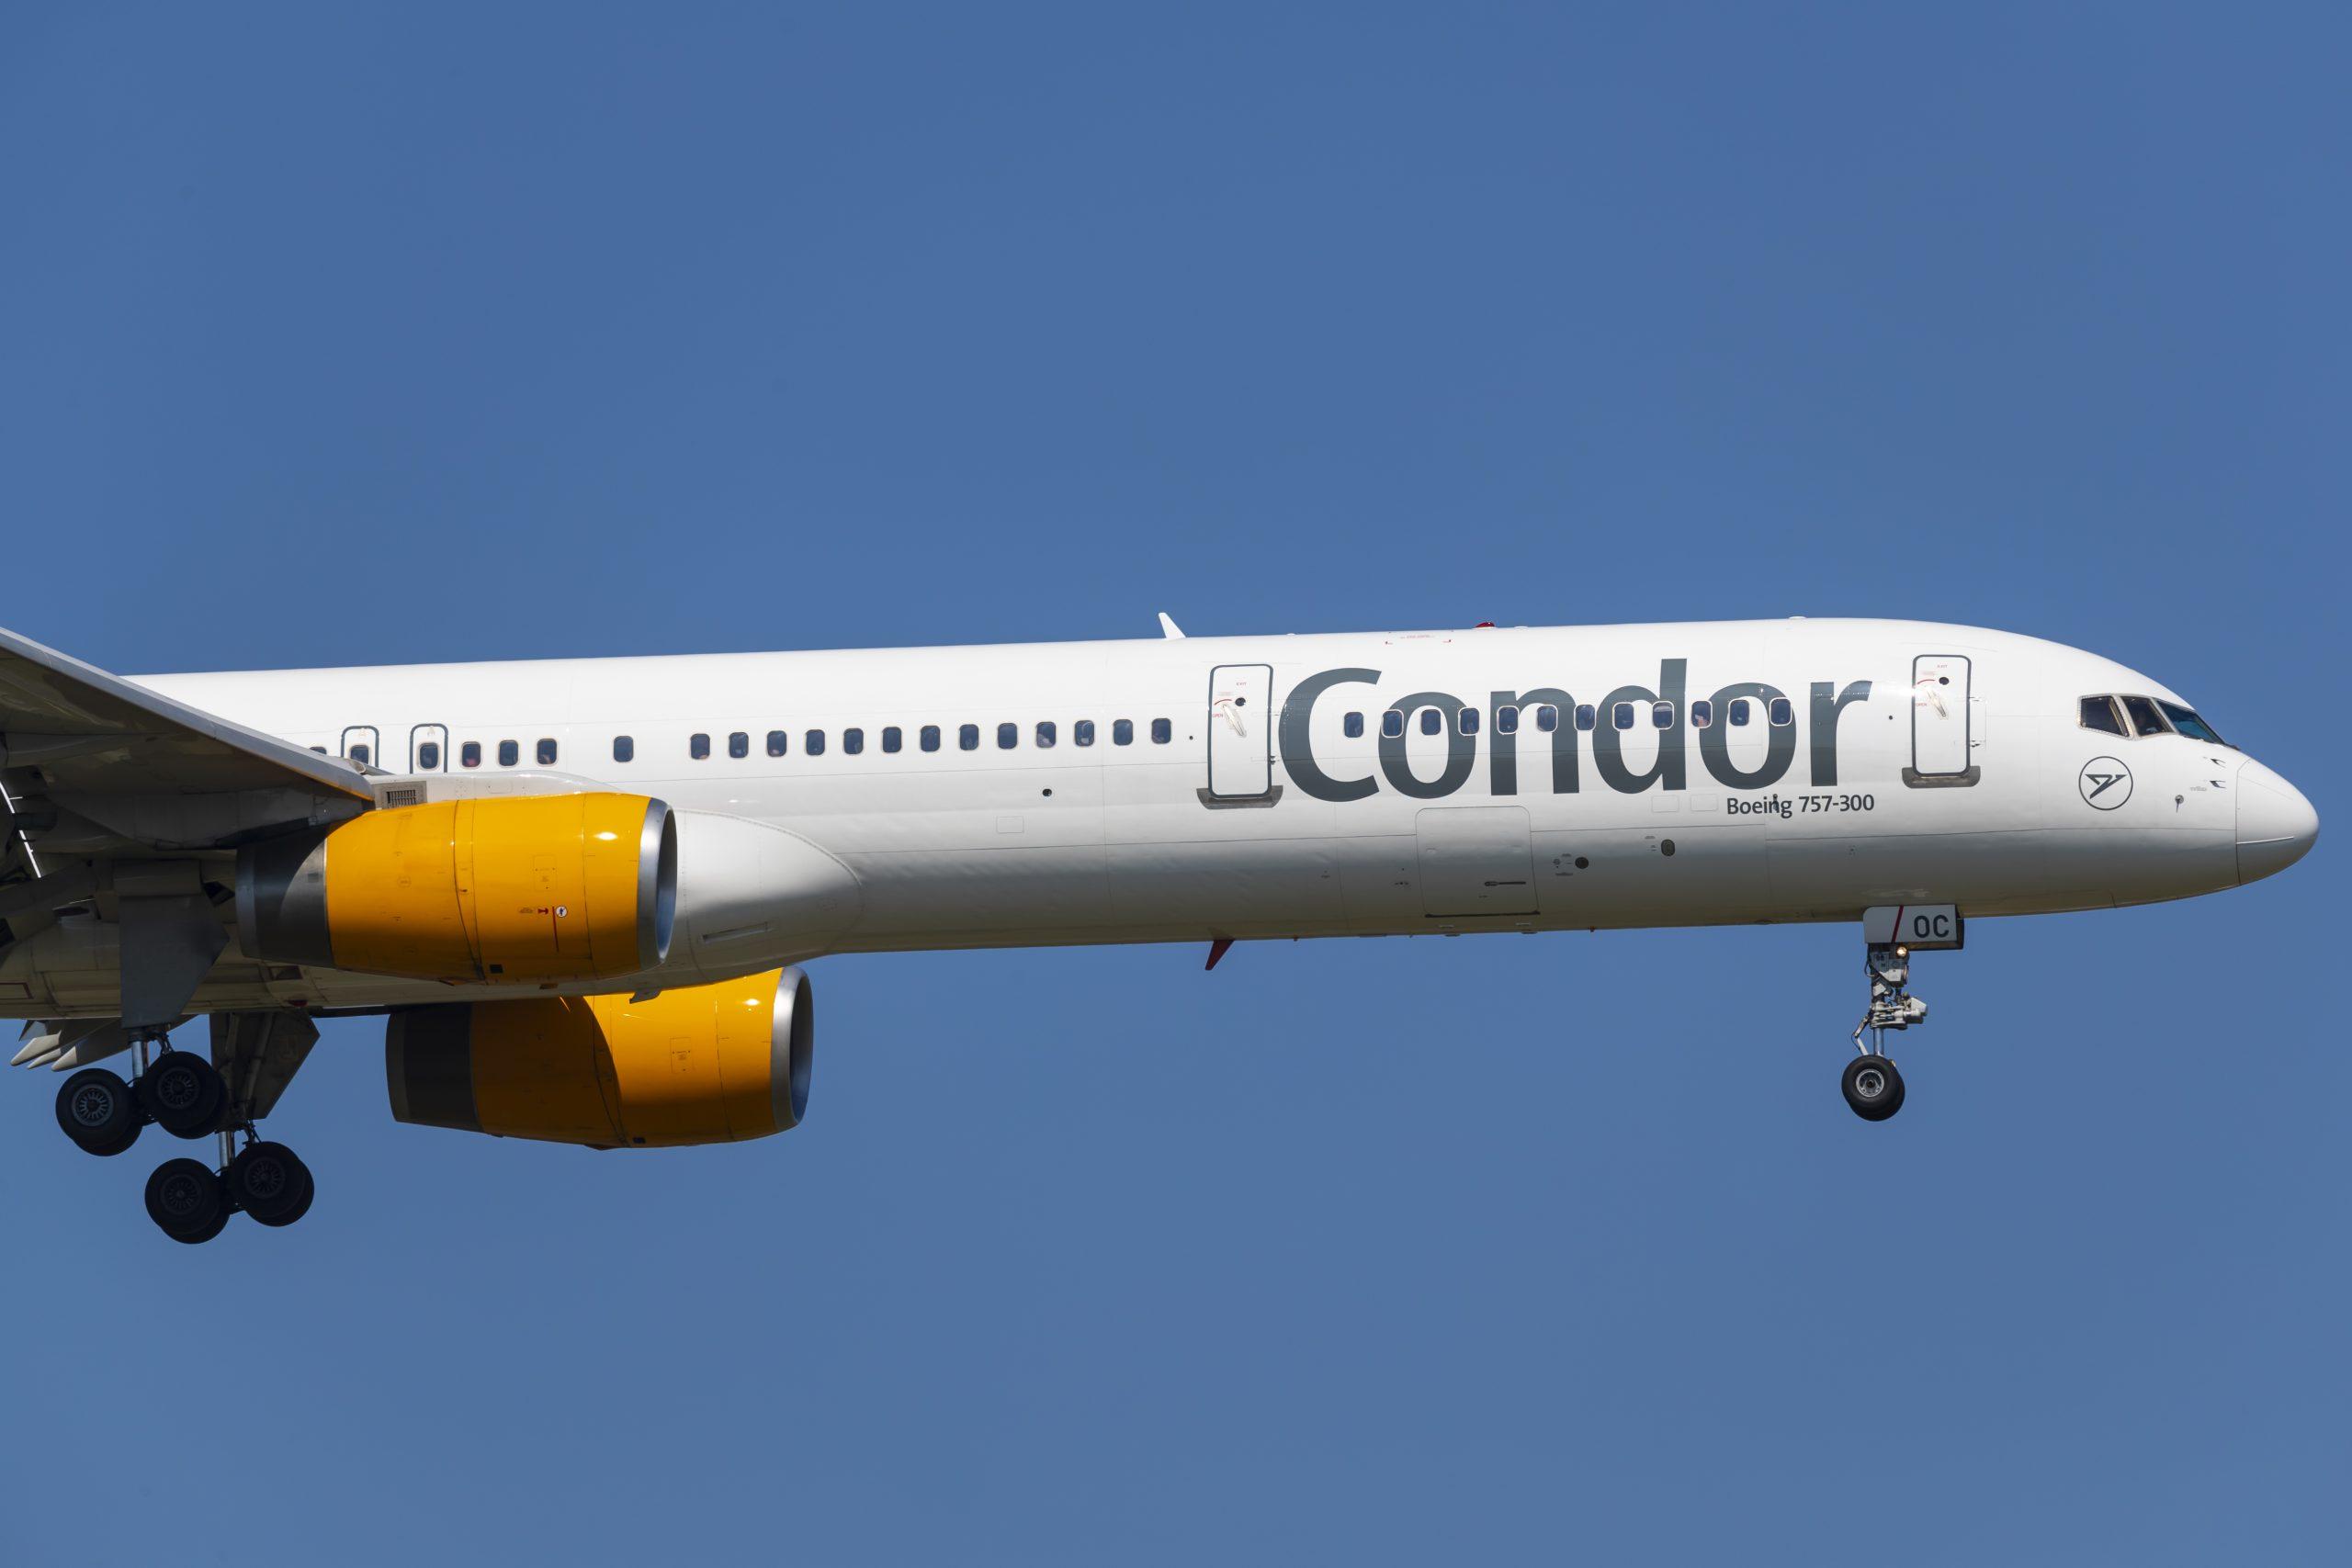 En Boeing 757-300 fra det tyske flyselskab Condor. Foto: © Thorbjørn Brunander Sund, Danish Aviation Photo